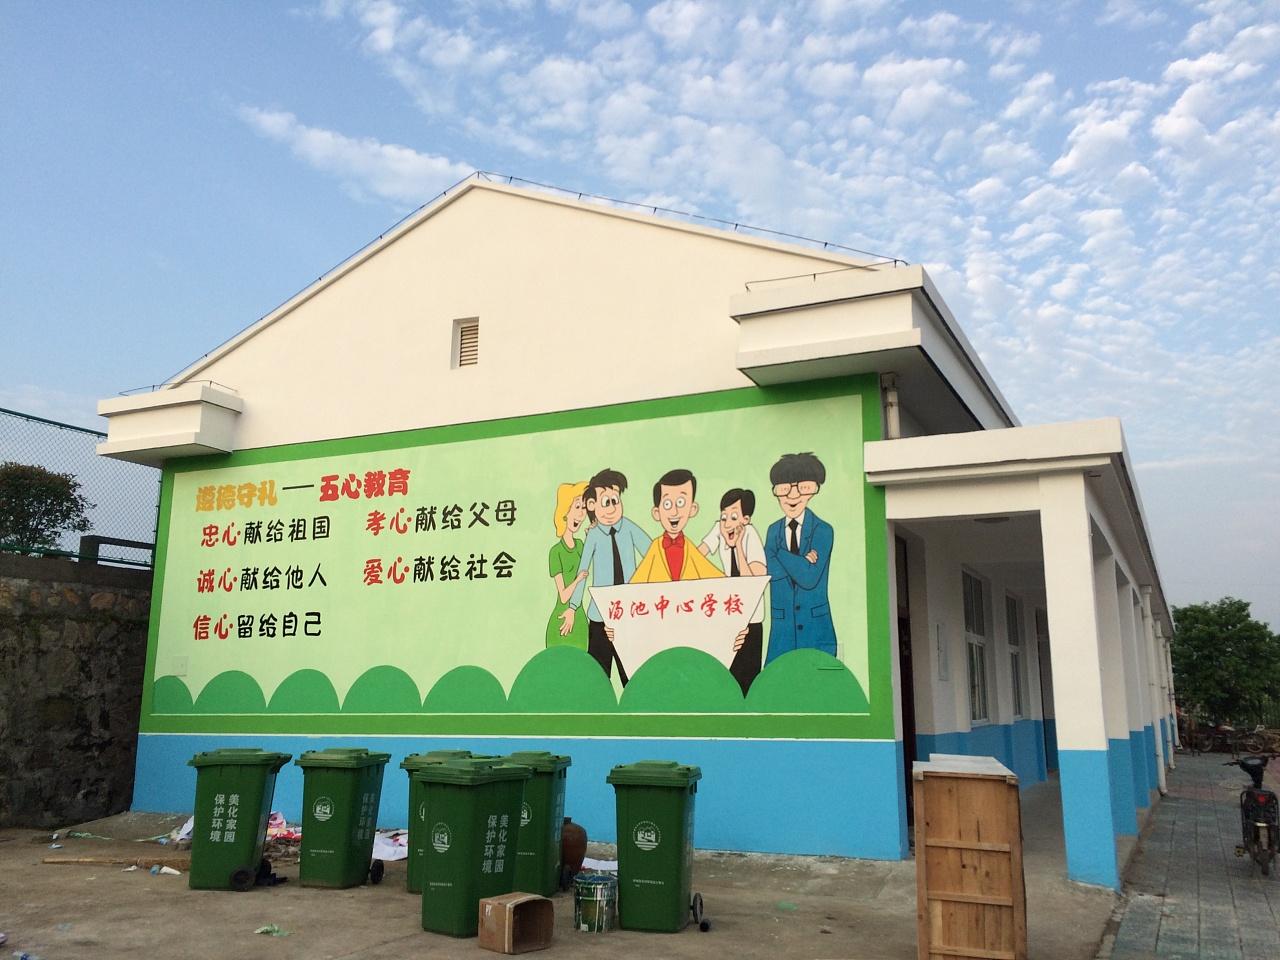 霍邱校园文化墙彩绘 霍邱墙绘 霍邱校园文化墙手绘 霍邱文化墙设计